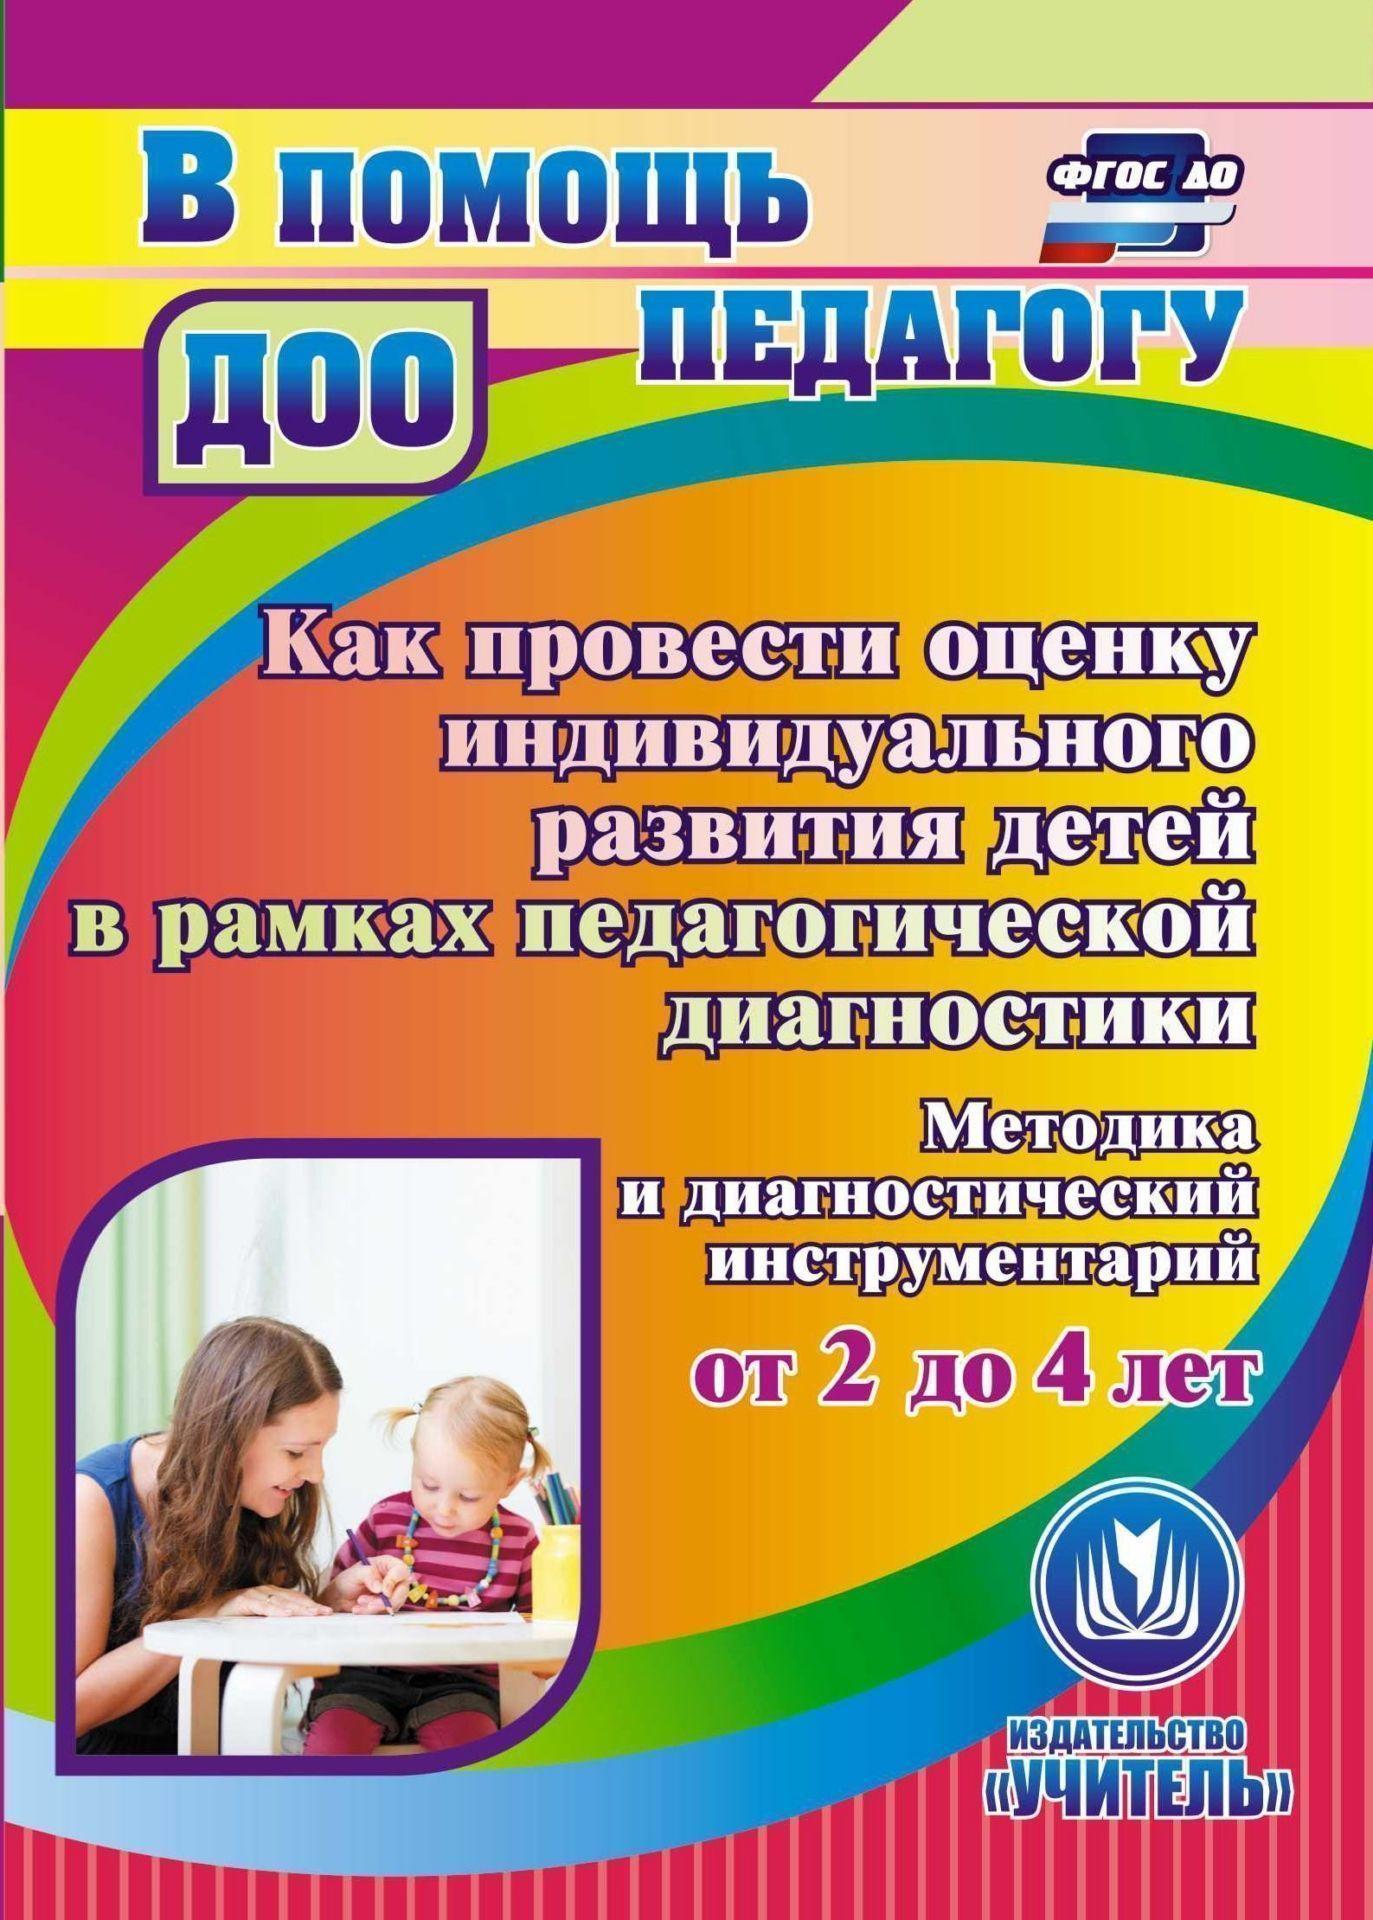 Как провести оценку индивидуального развития детей от 2 до 4 лет в рамках педагогической диагностики. Методика и диагностический инструментарий. Программа для установки через интернет